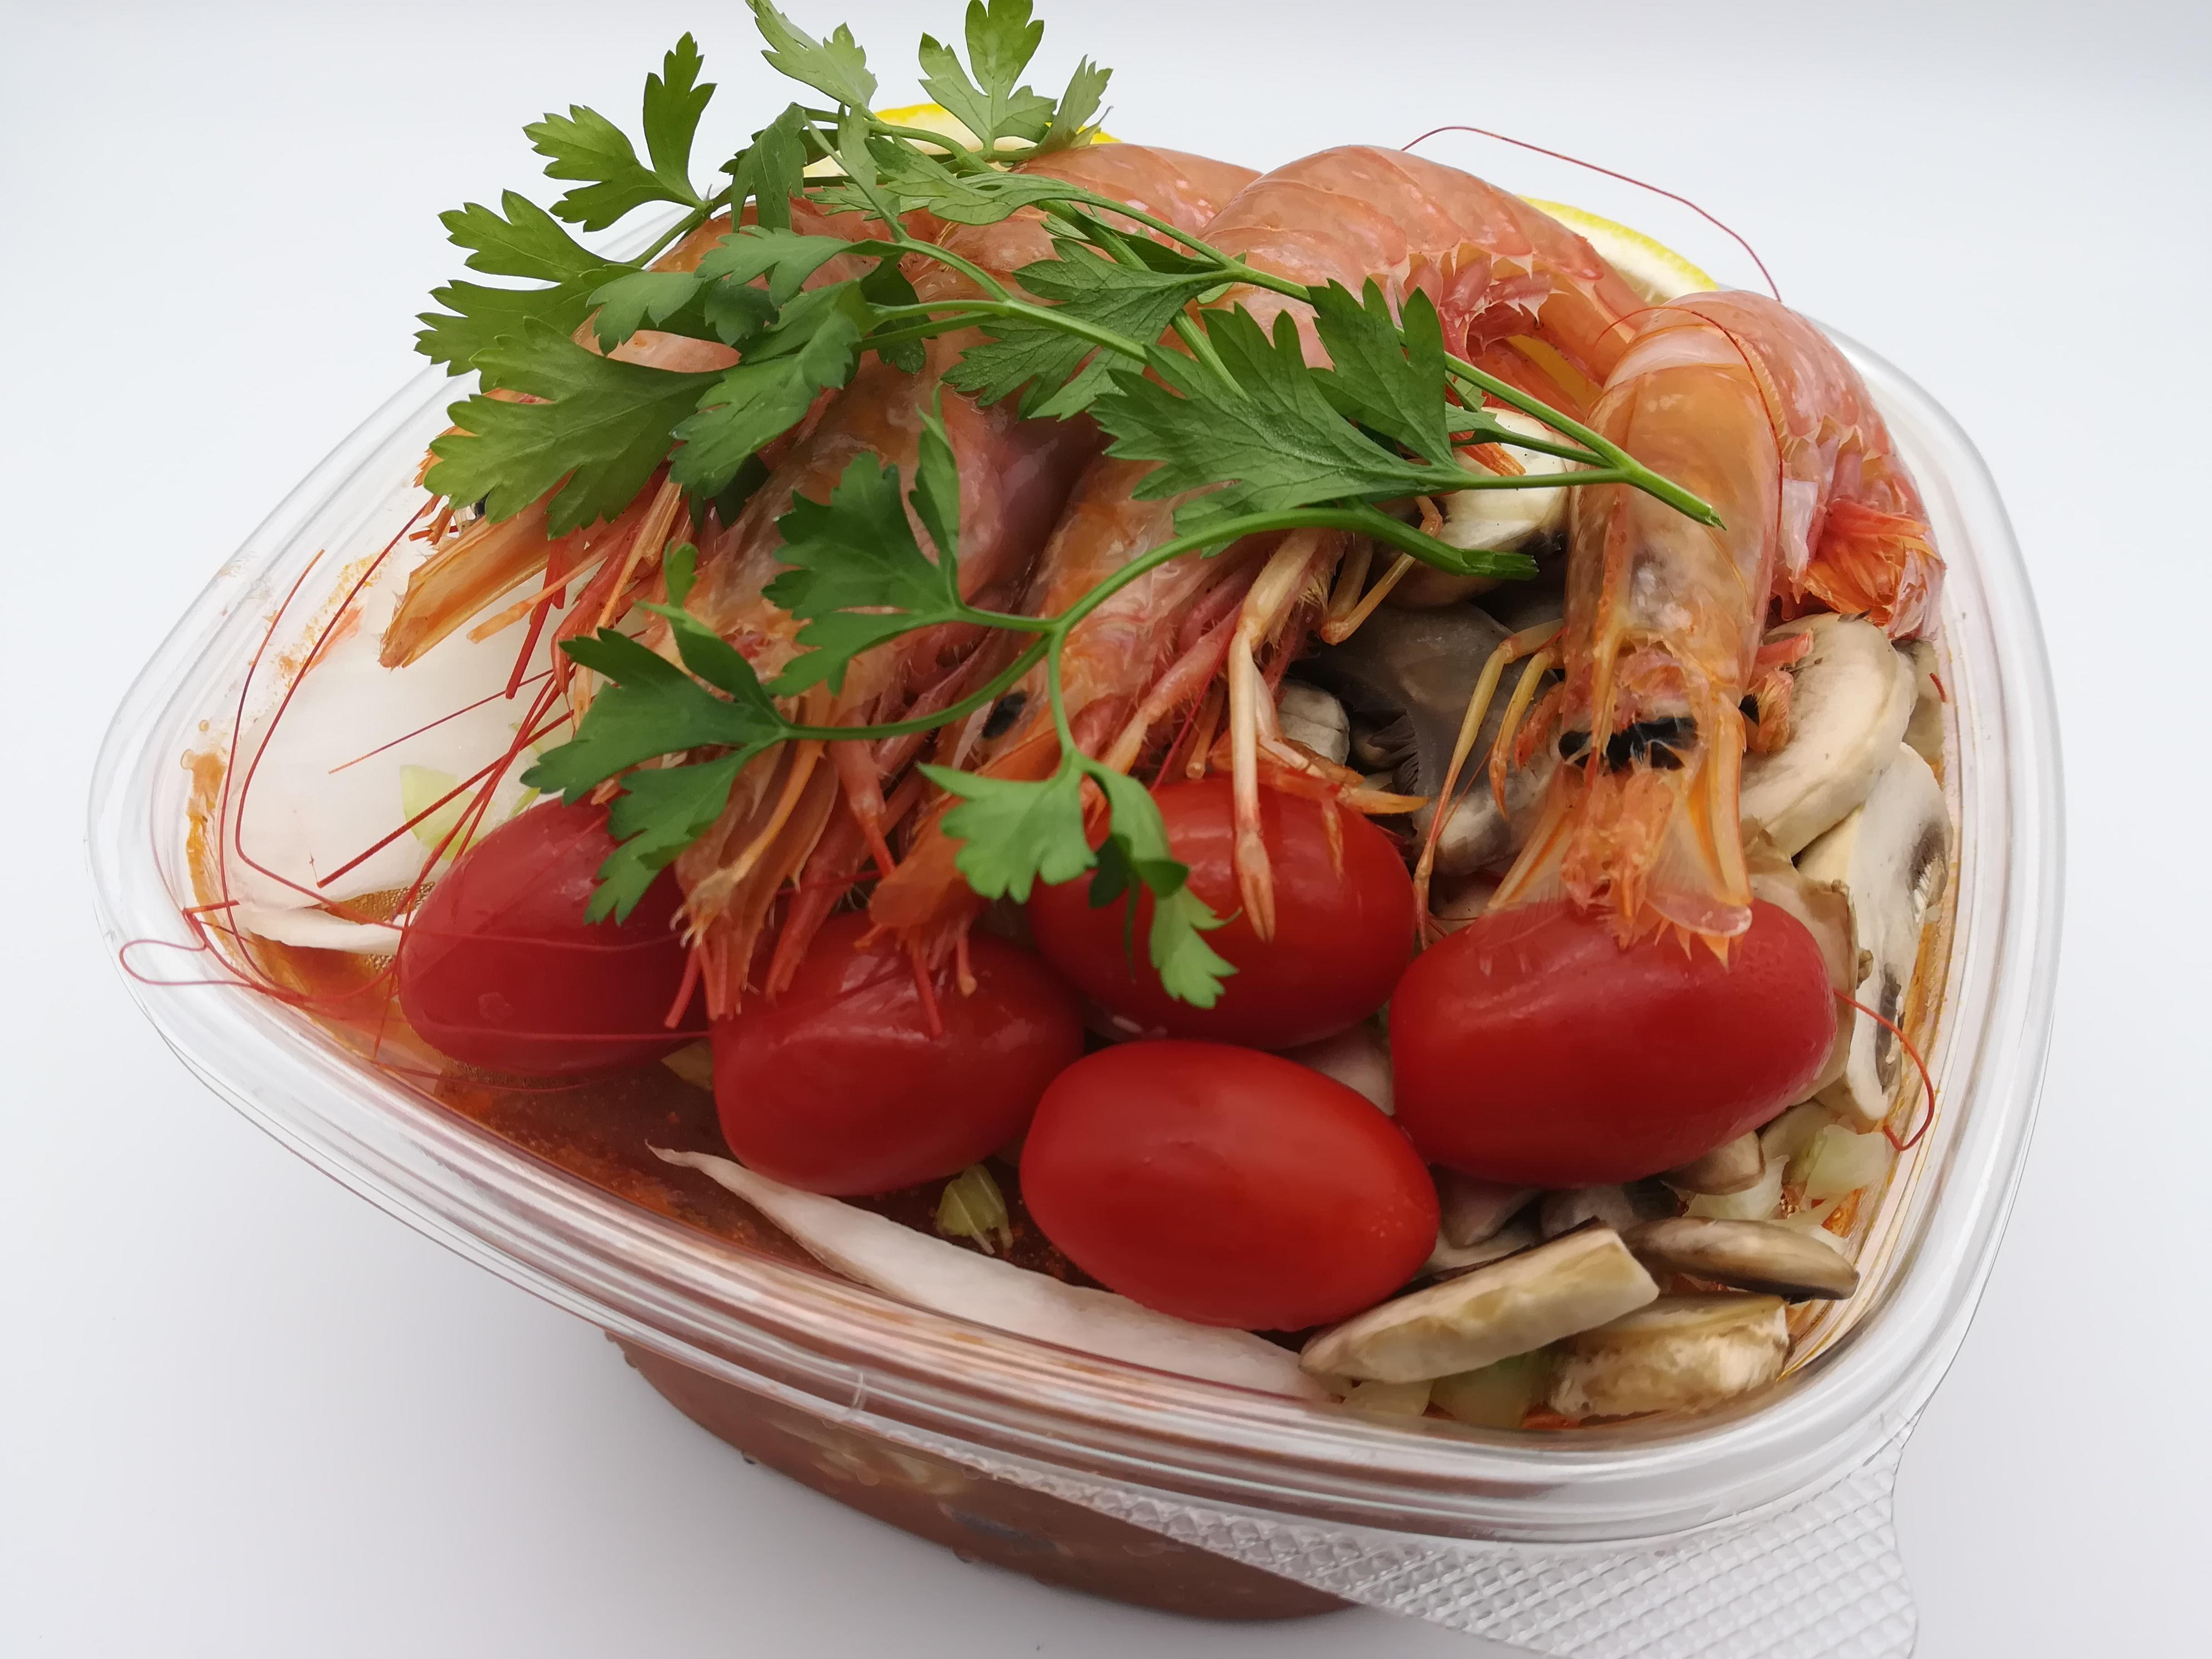 コストコのチョッピーノスープのトマト